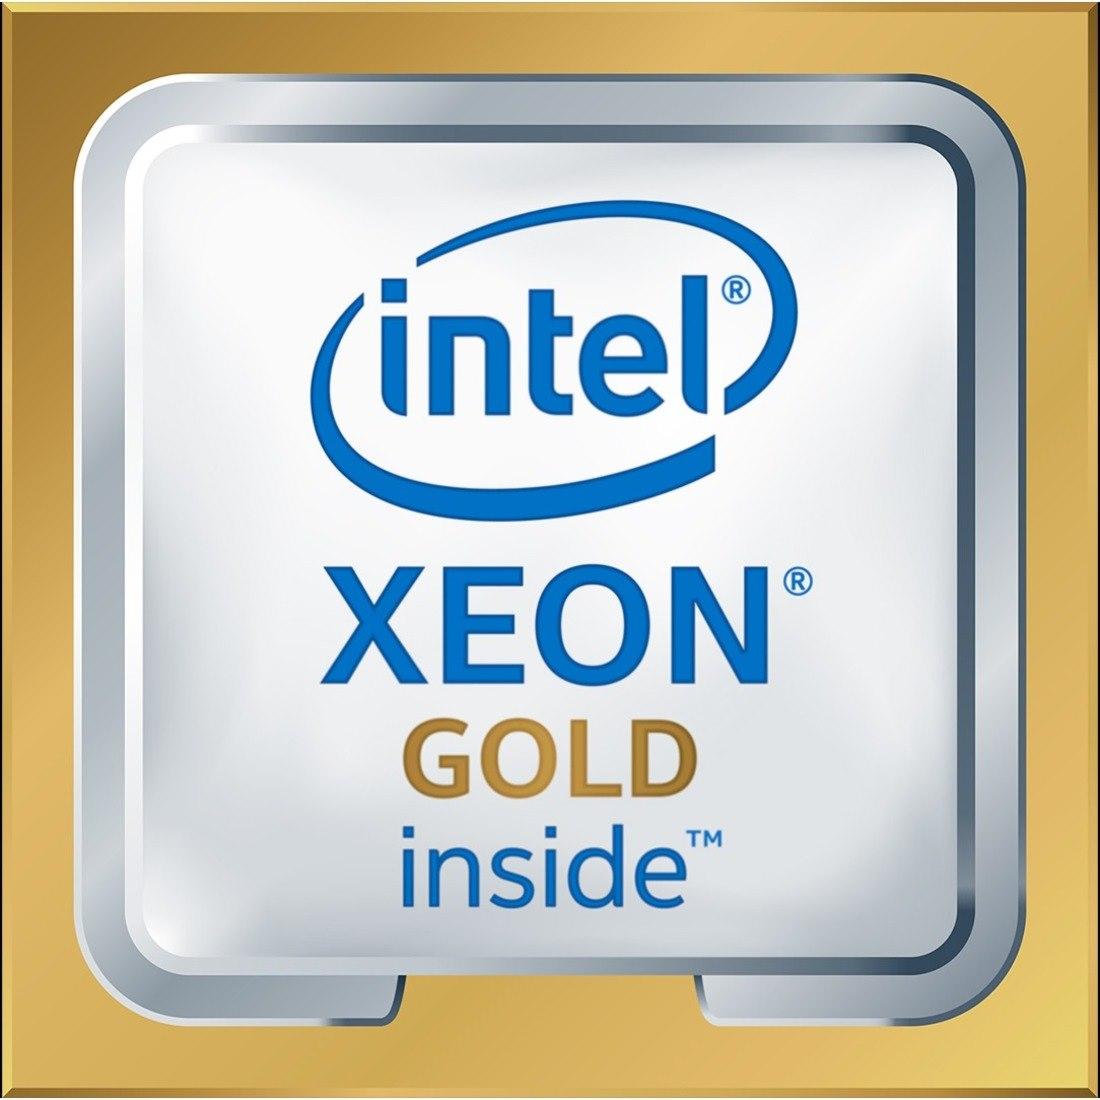 Cisco Intel Xeon 5115 Deca-core (10 Core) 2.40 GHz Processor Upgrade